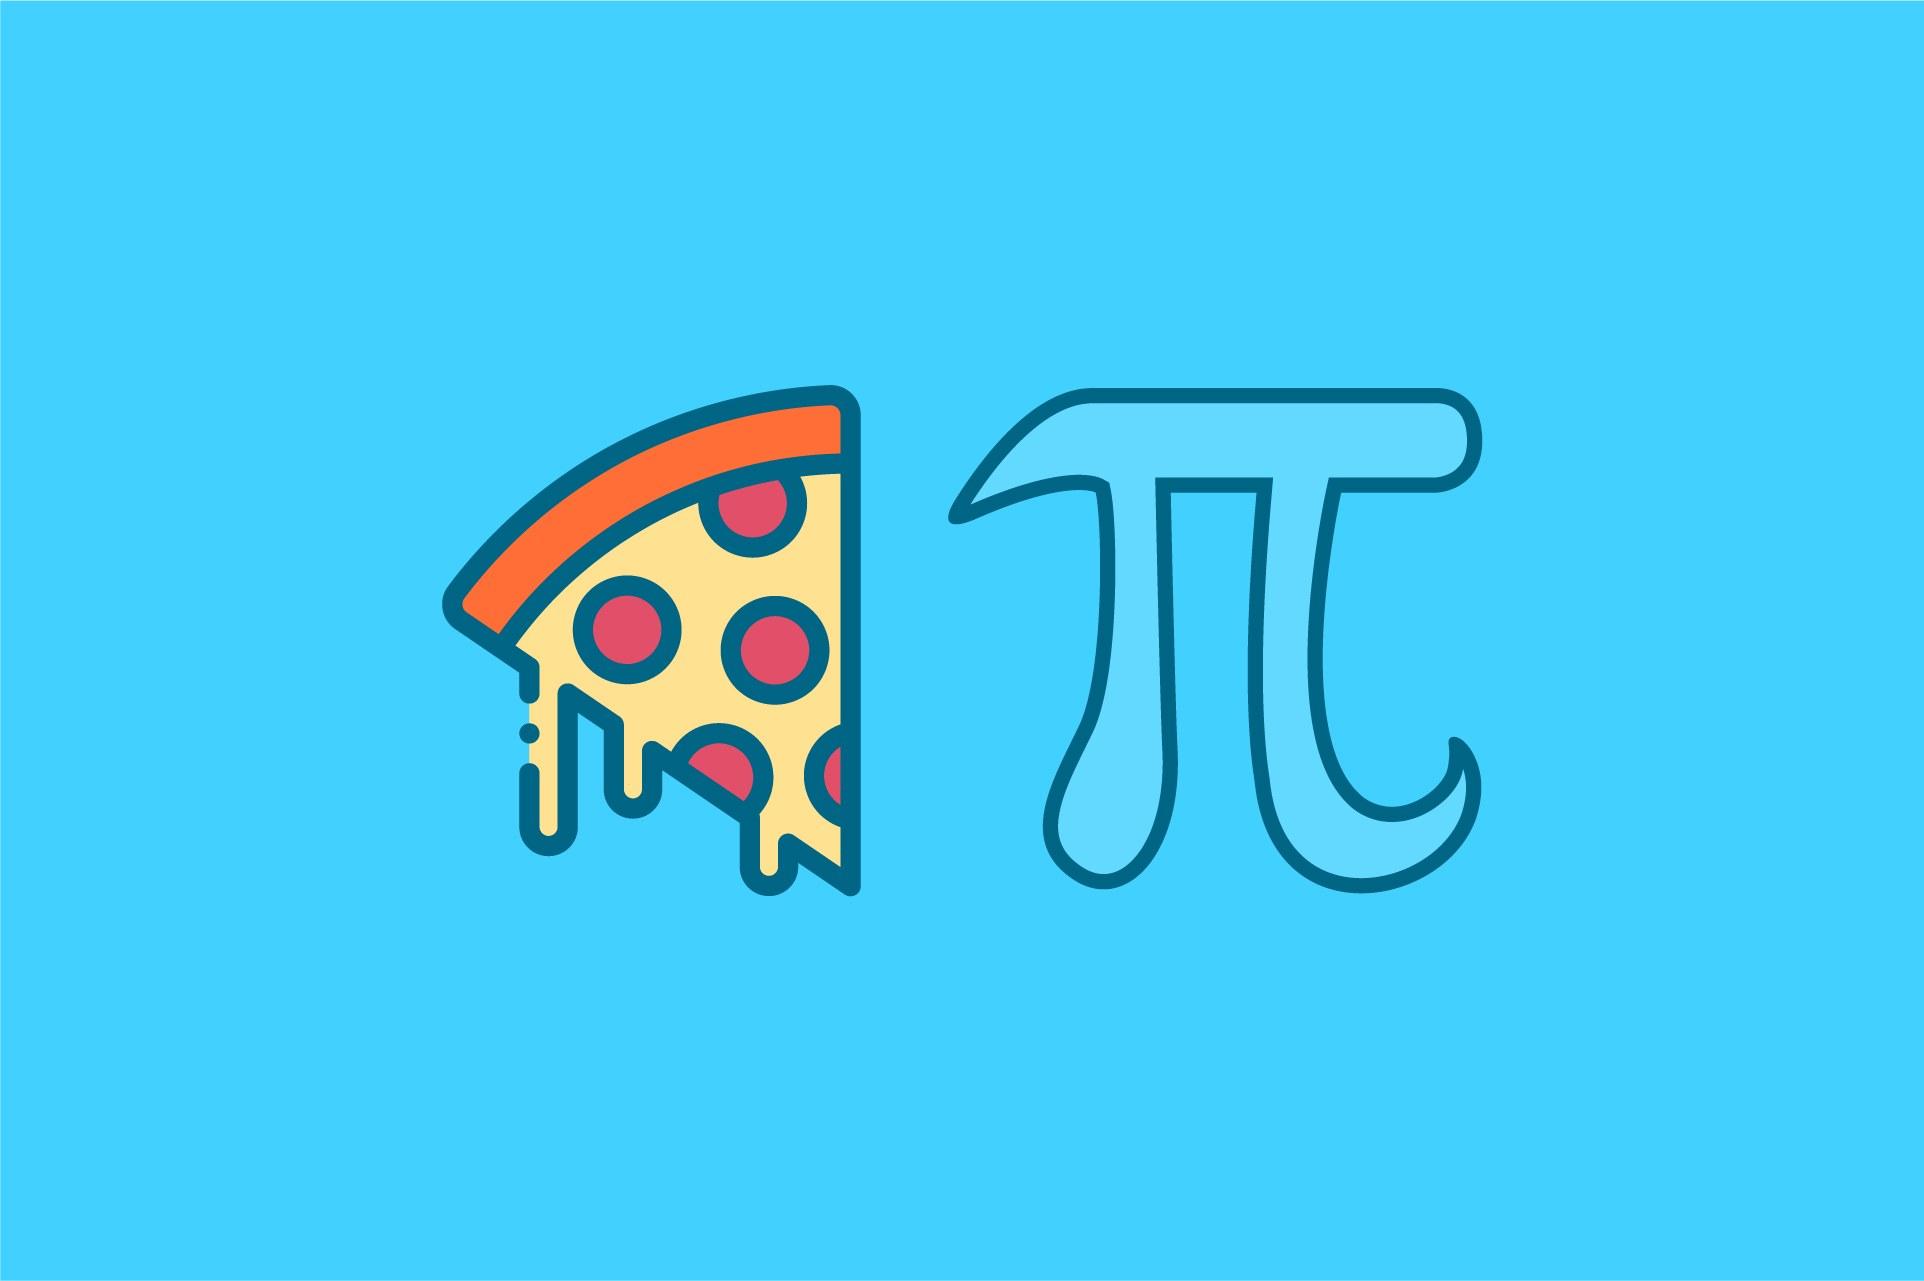 pizza pi symbol